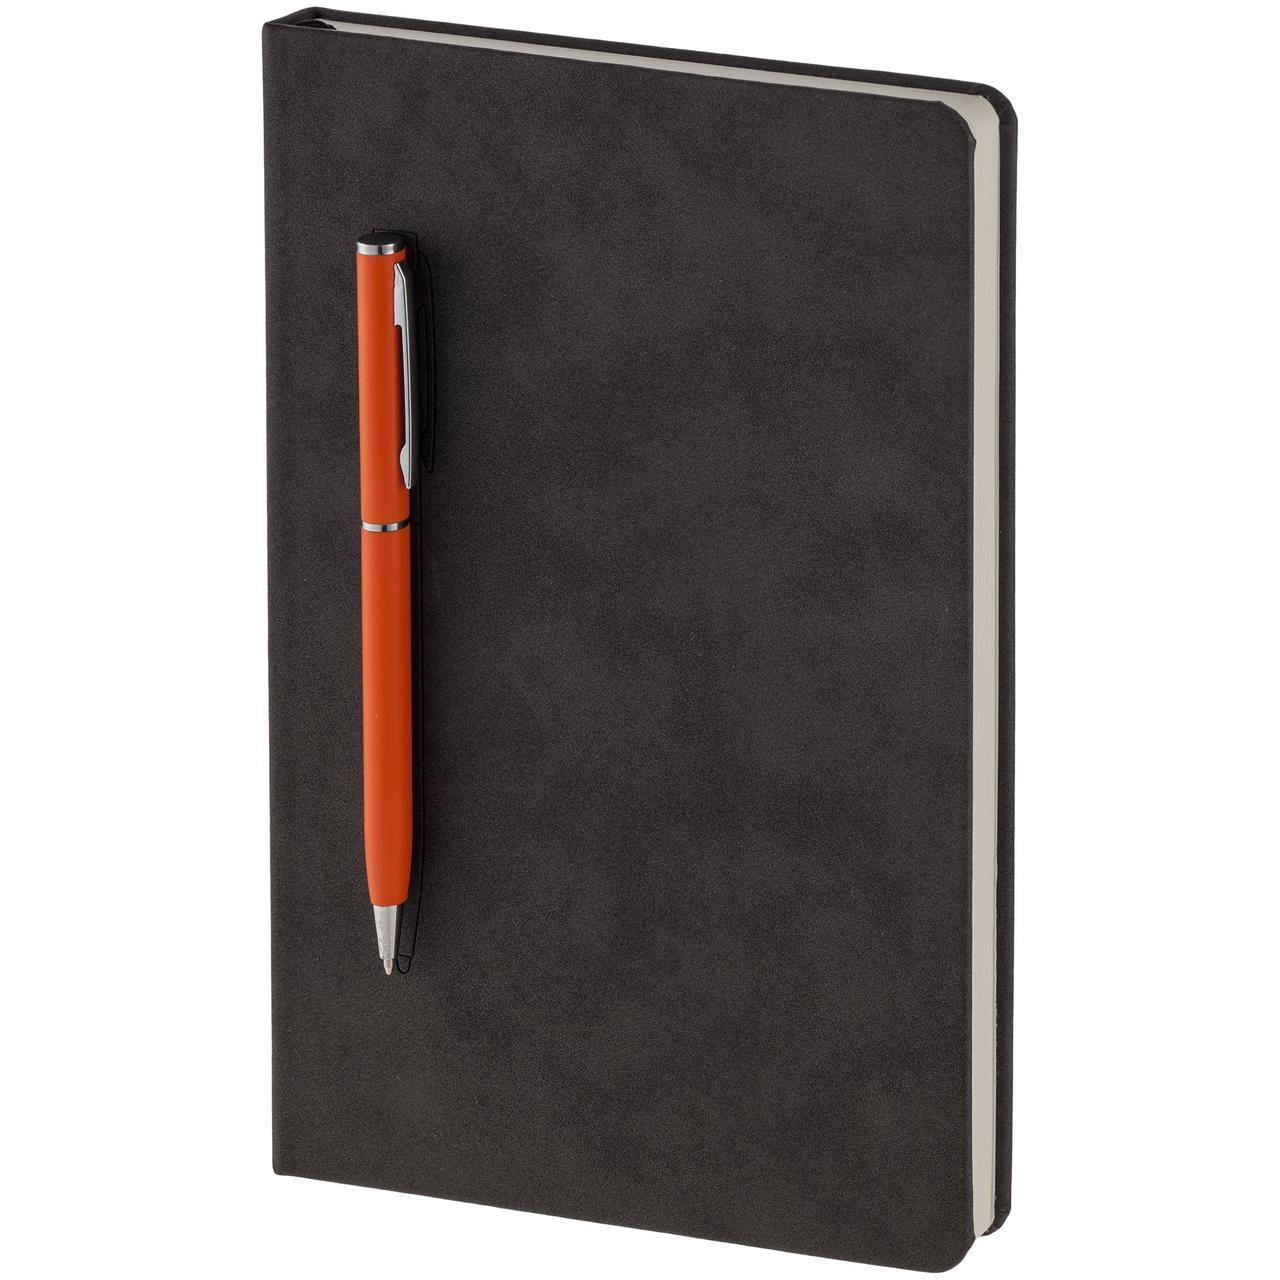 Блокнот Magnet Chrome с ручкой, черно-оранжевый (артикул 15016.20)